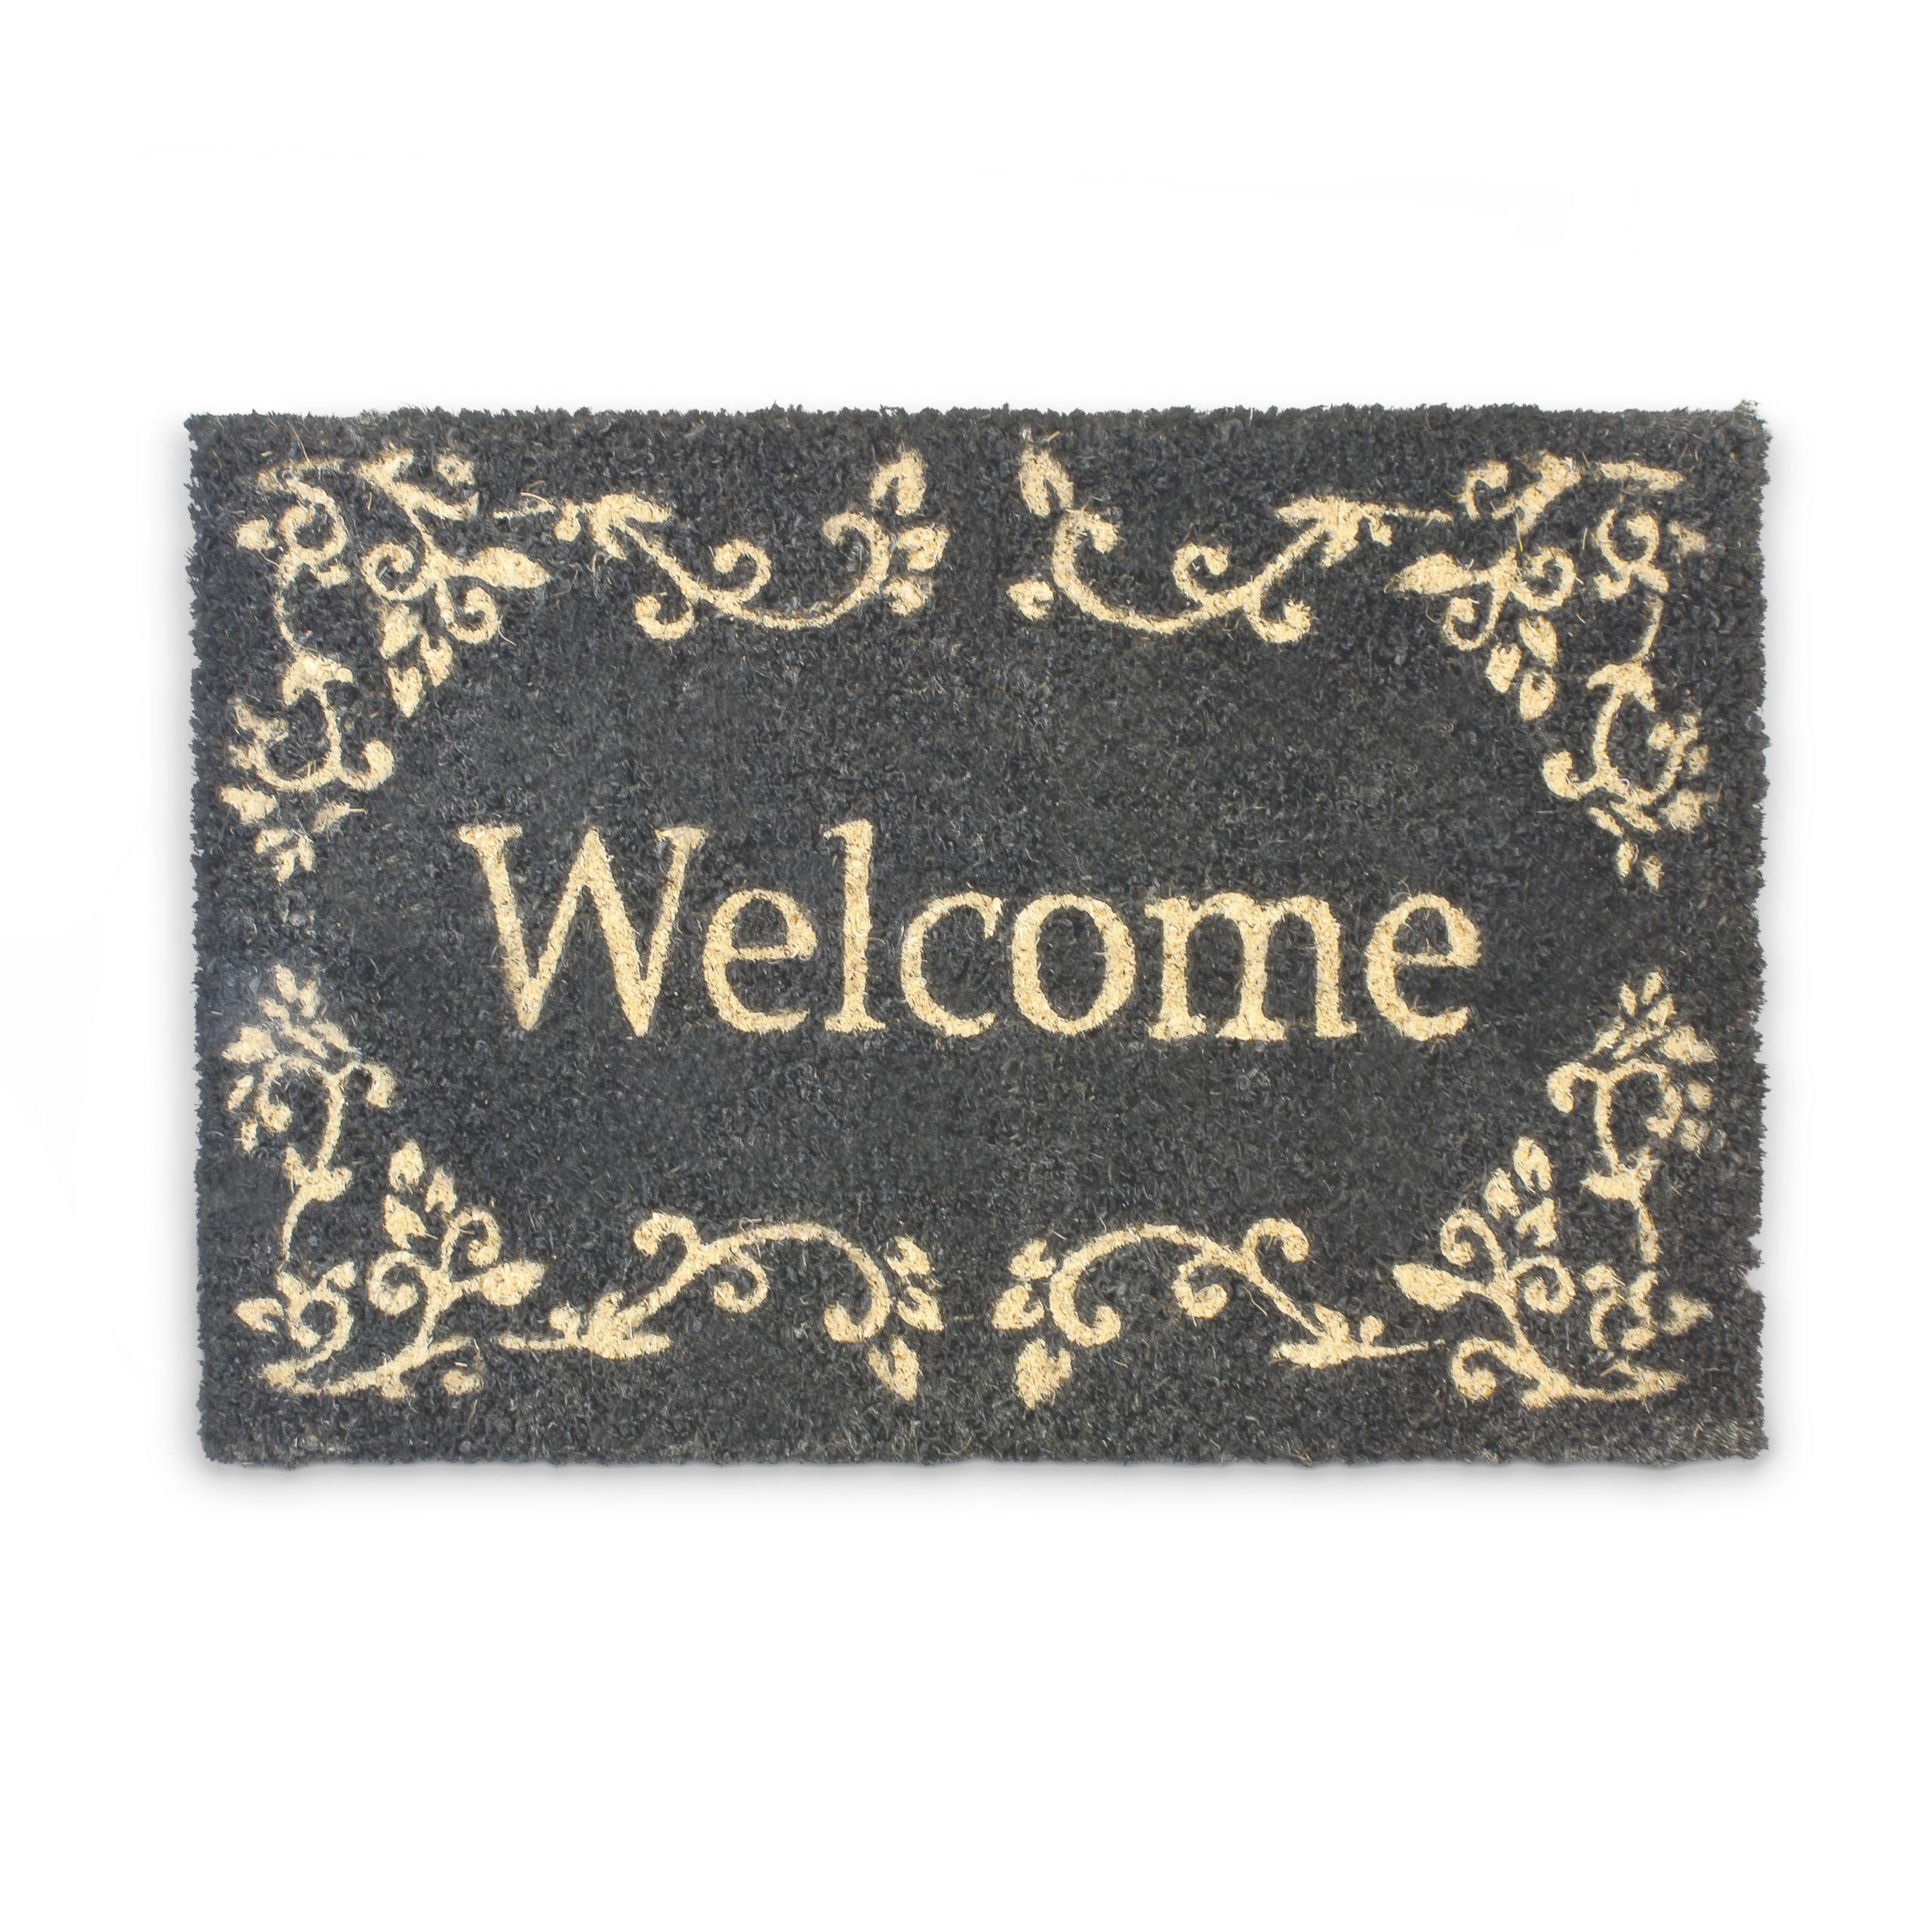 Felpudo-alfombra-alfombrilla-fibra-de-coco-para-la-entrada-hogar-decoracion-casa